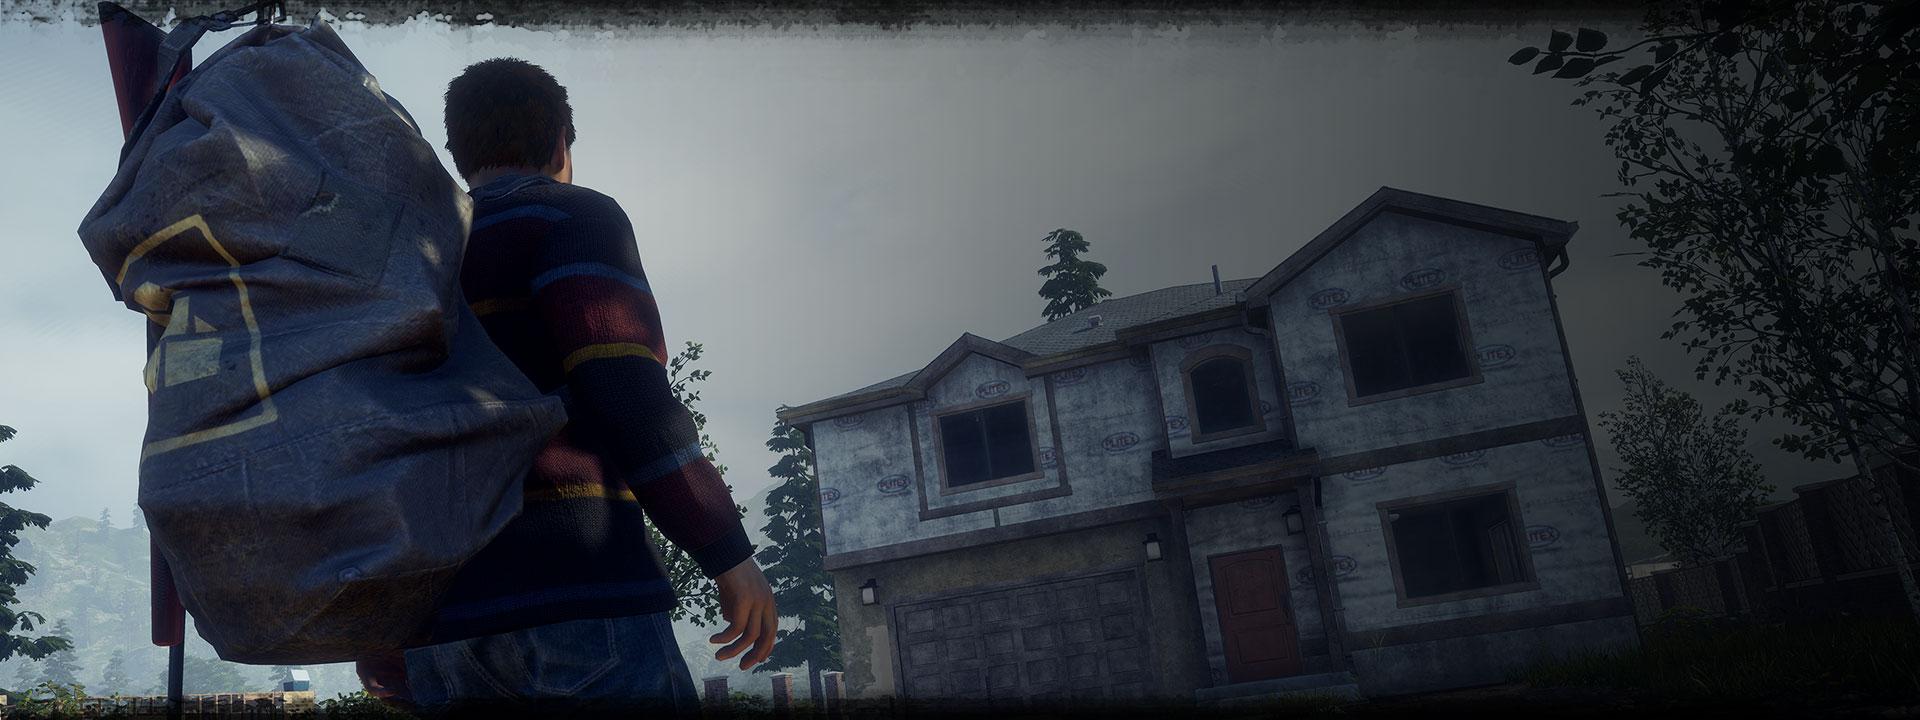 Χαρακτήρας από το State of Decay 2: Ο Juggernaut πλησιάζει σε ένα σπίτι με ένα μεγάλο σακίδιο